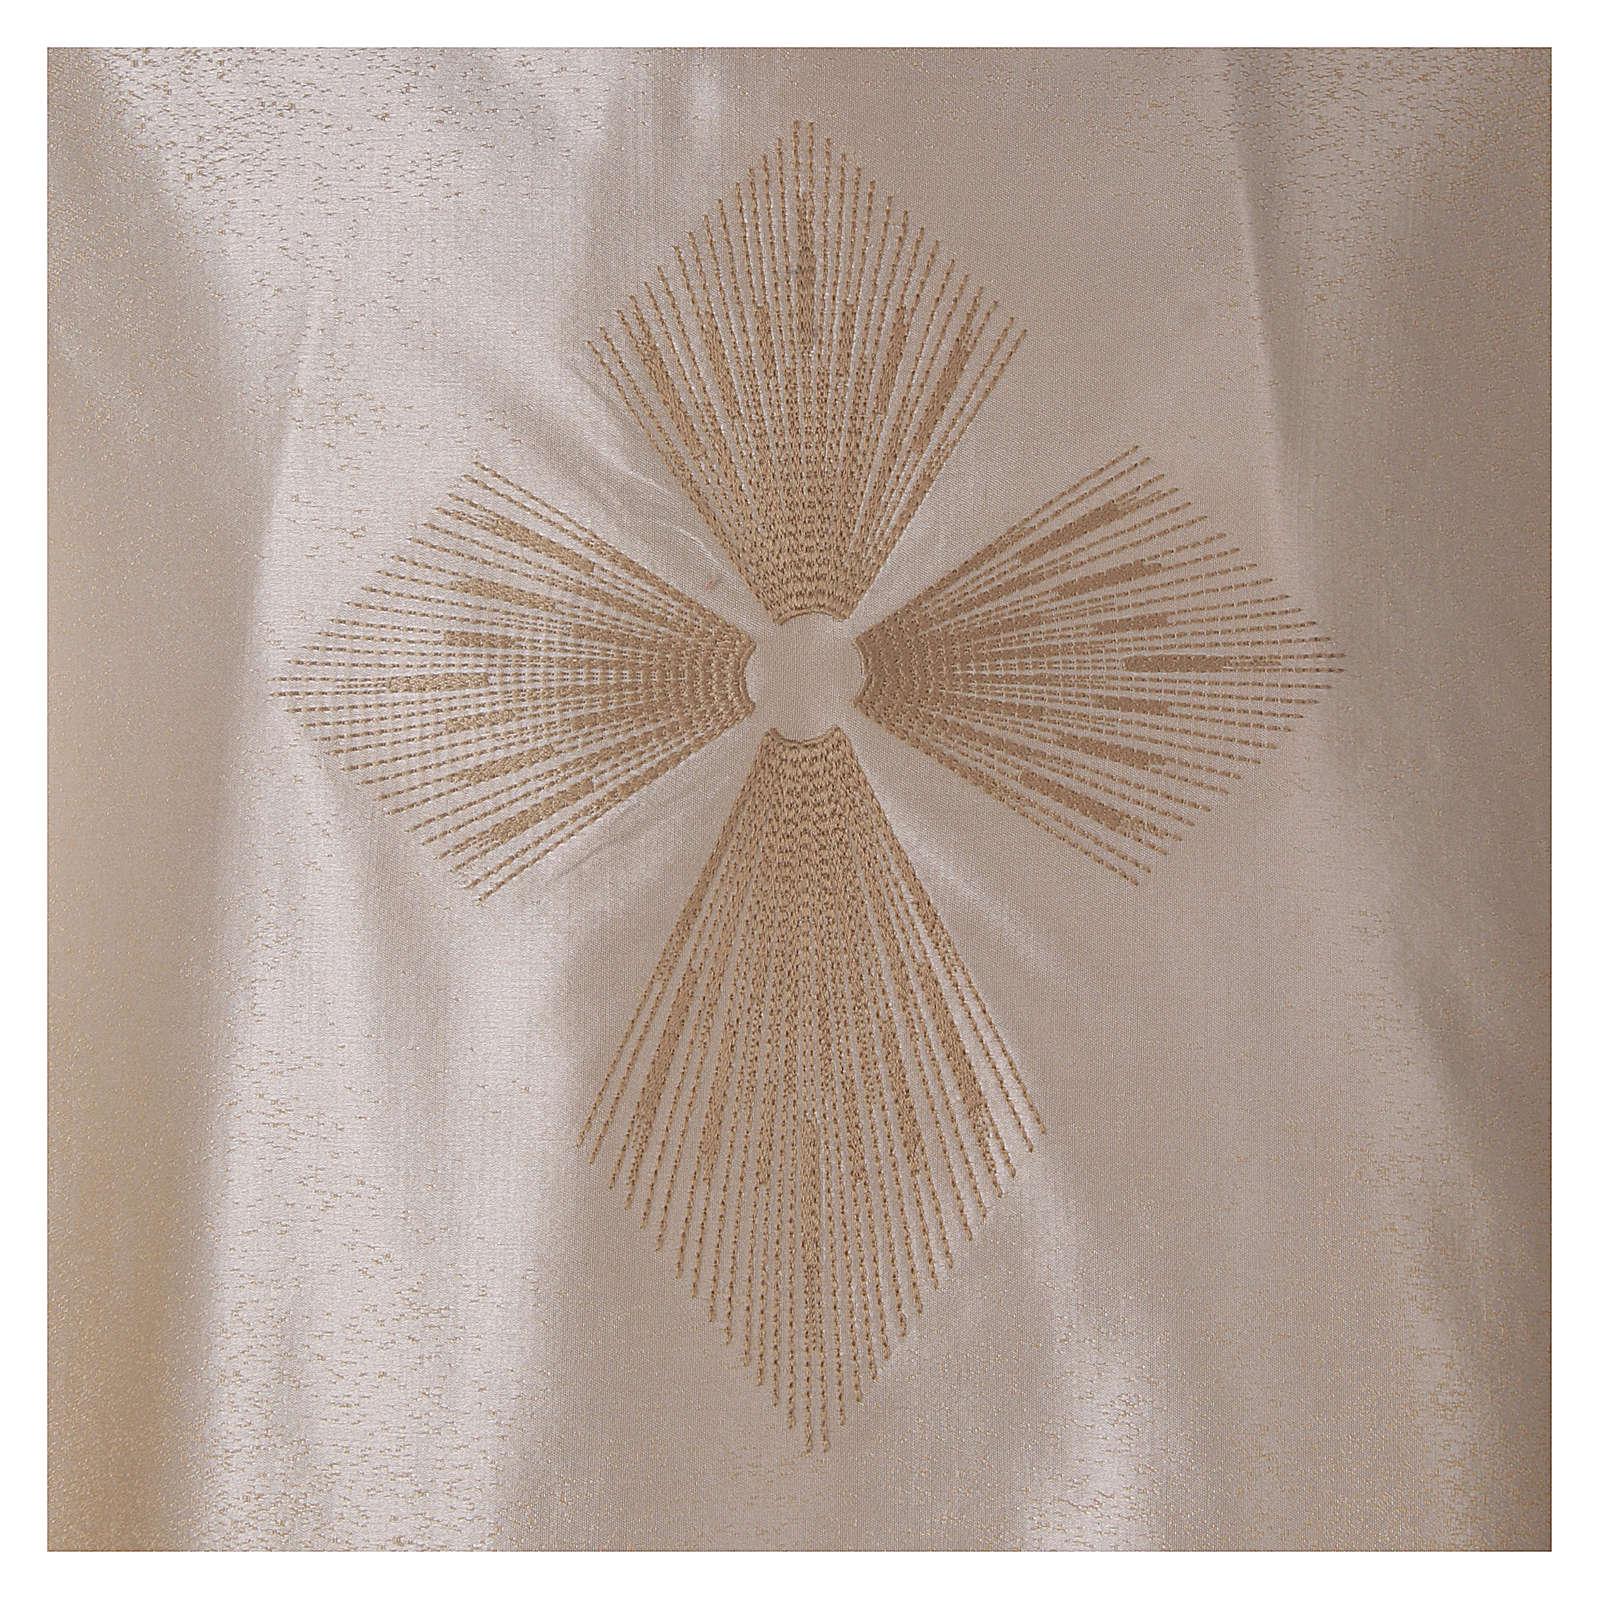 STOCK Casula sfumata lana seta leggerissima croce ricamata 4